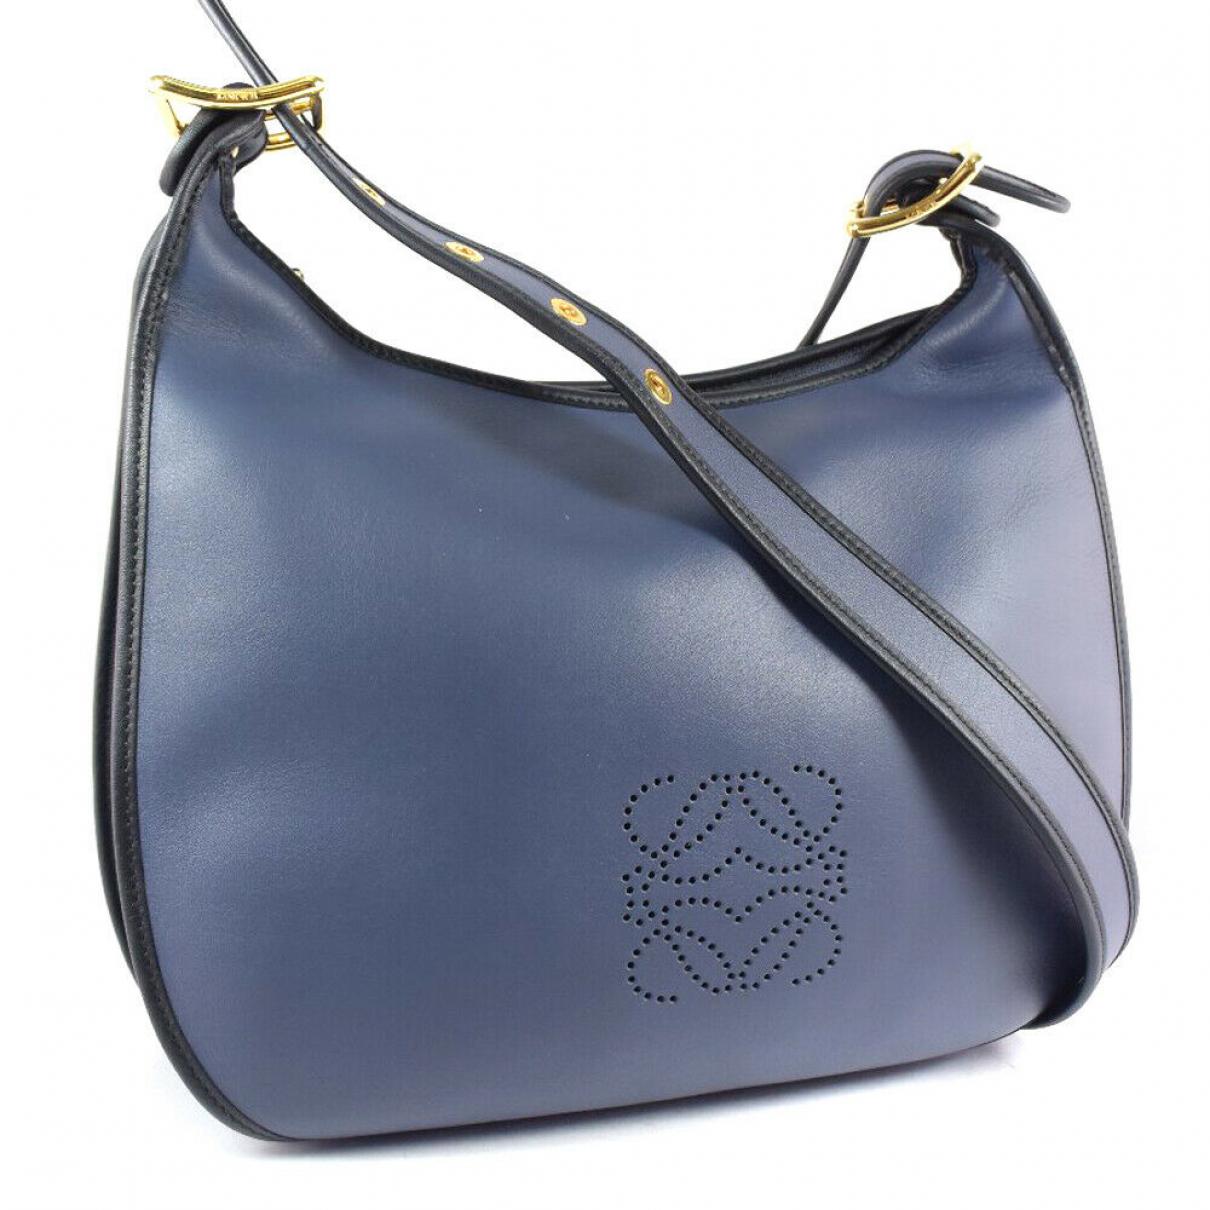 Loewe \N Handtasche in Fell